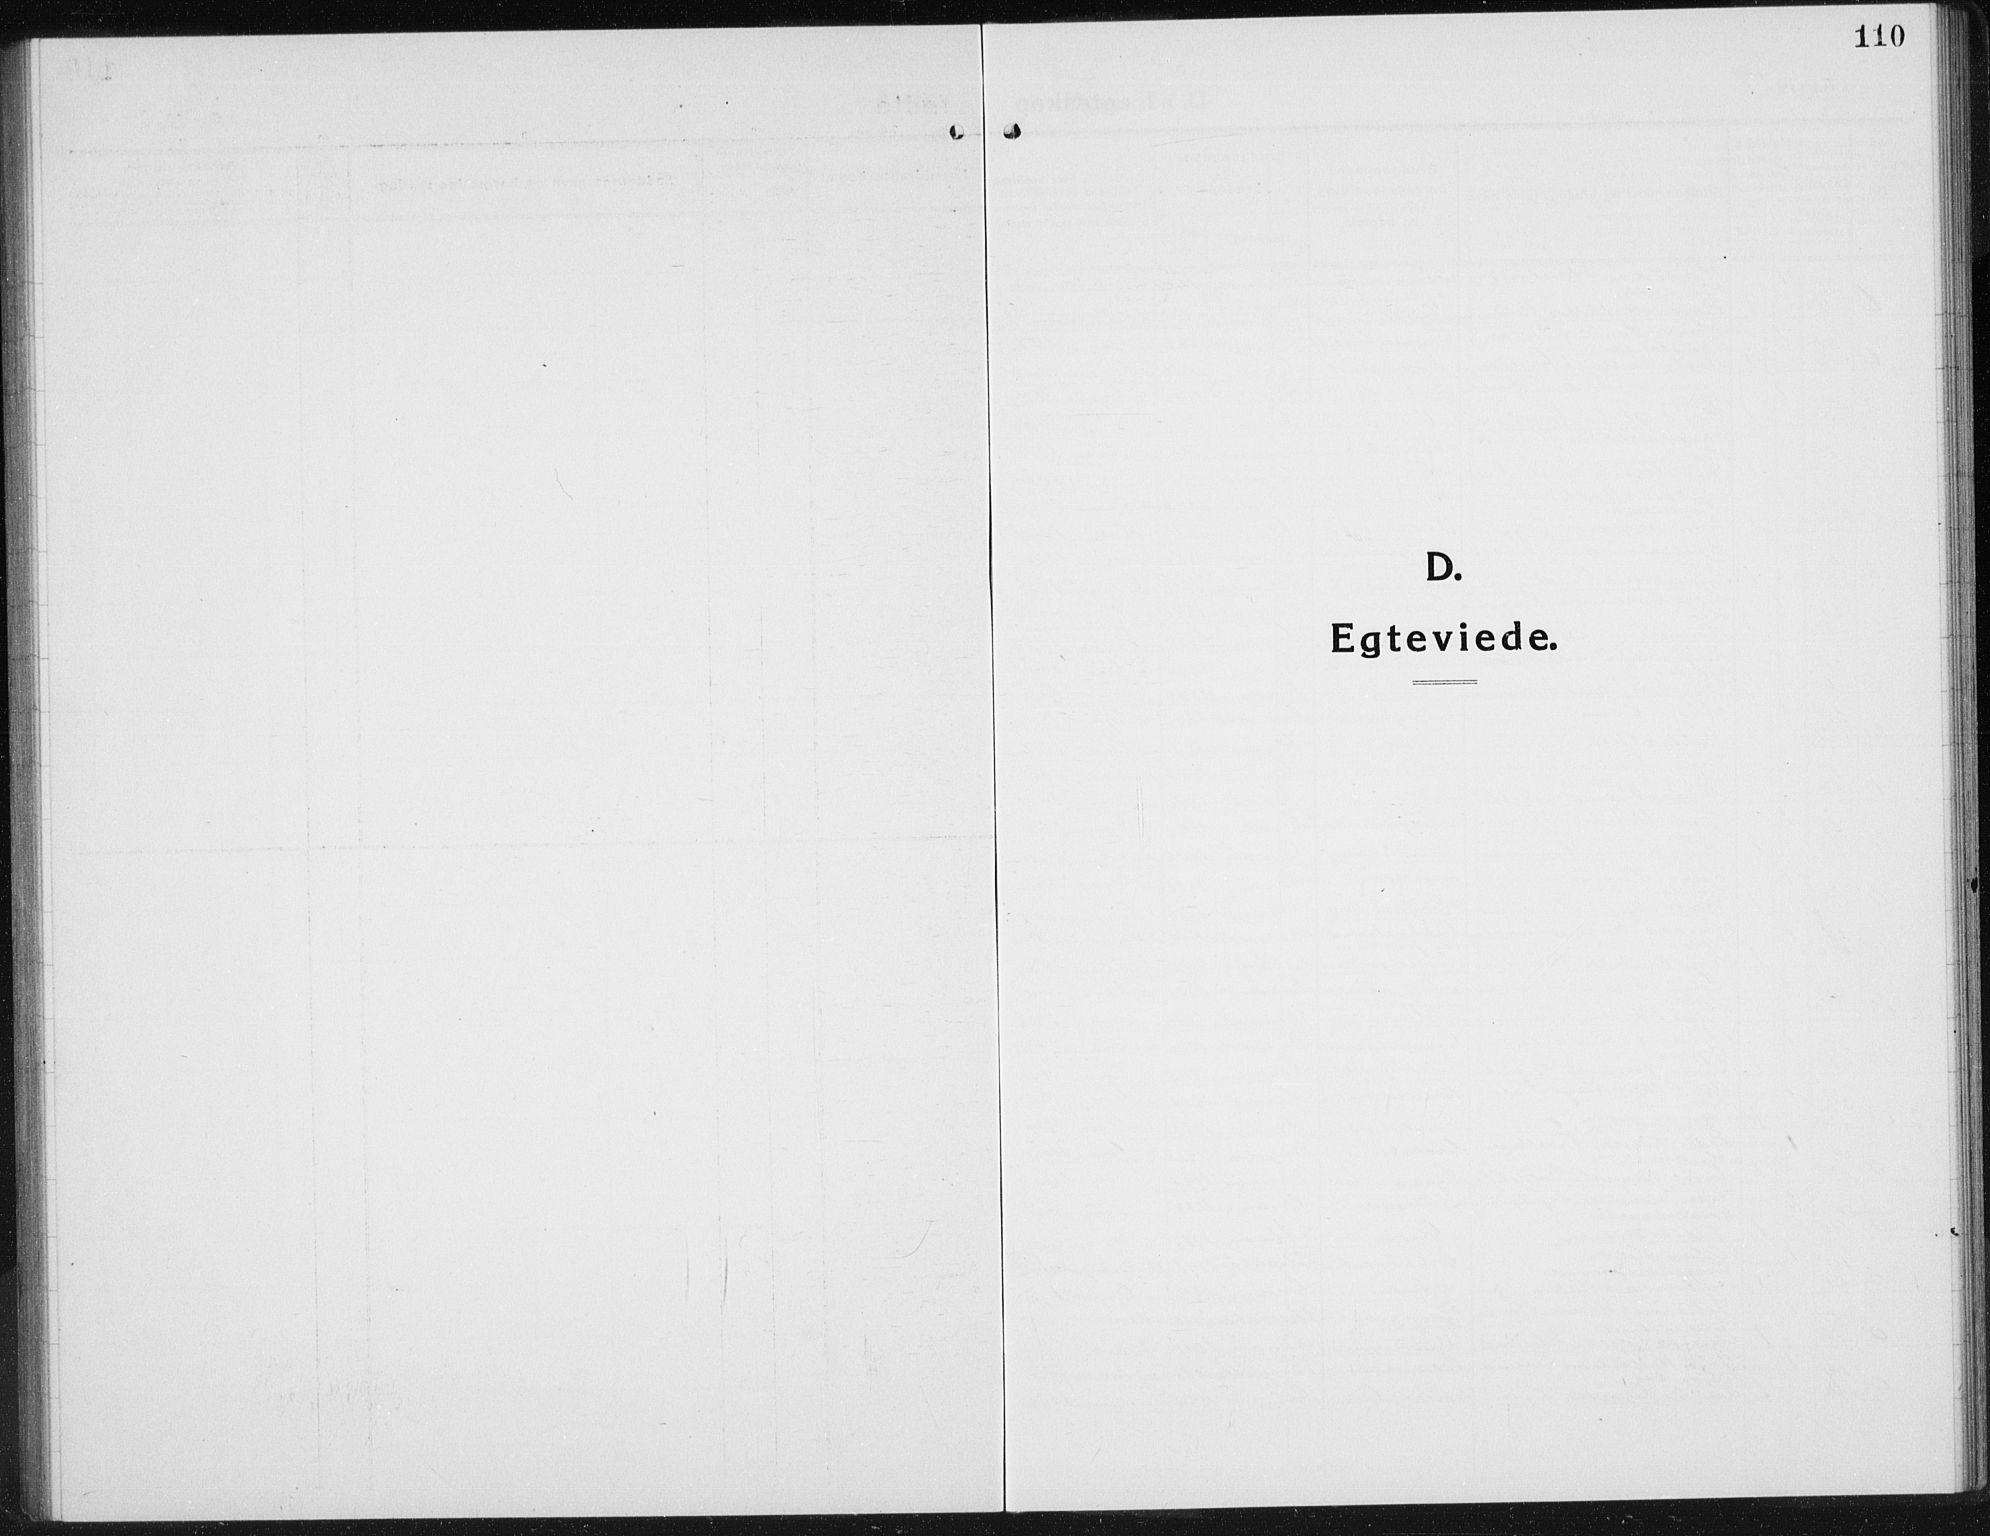 SAH, Gran prestekontor, Klokkerbok nr. 8, 1917-1935, s. 110